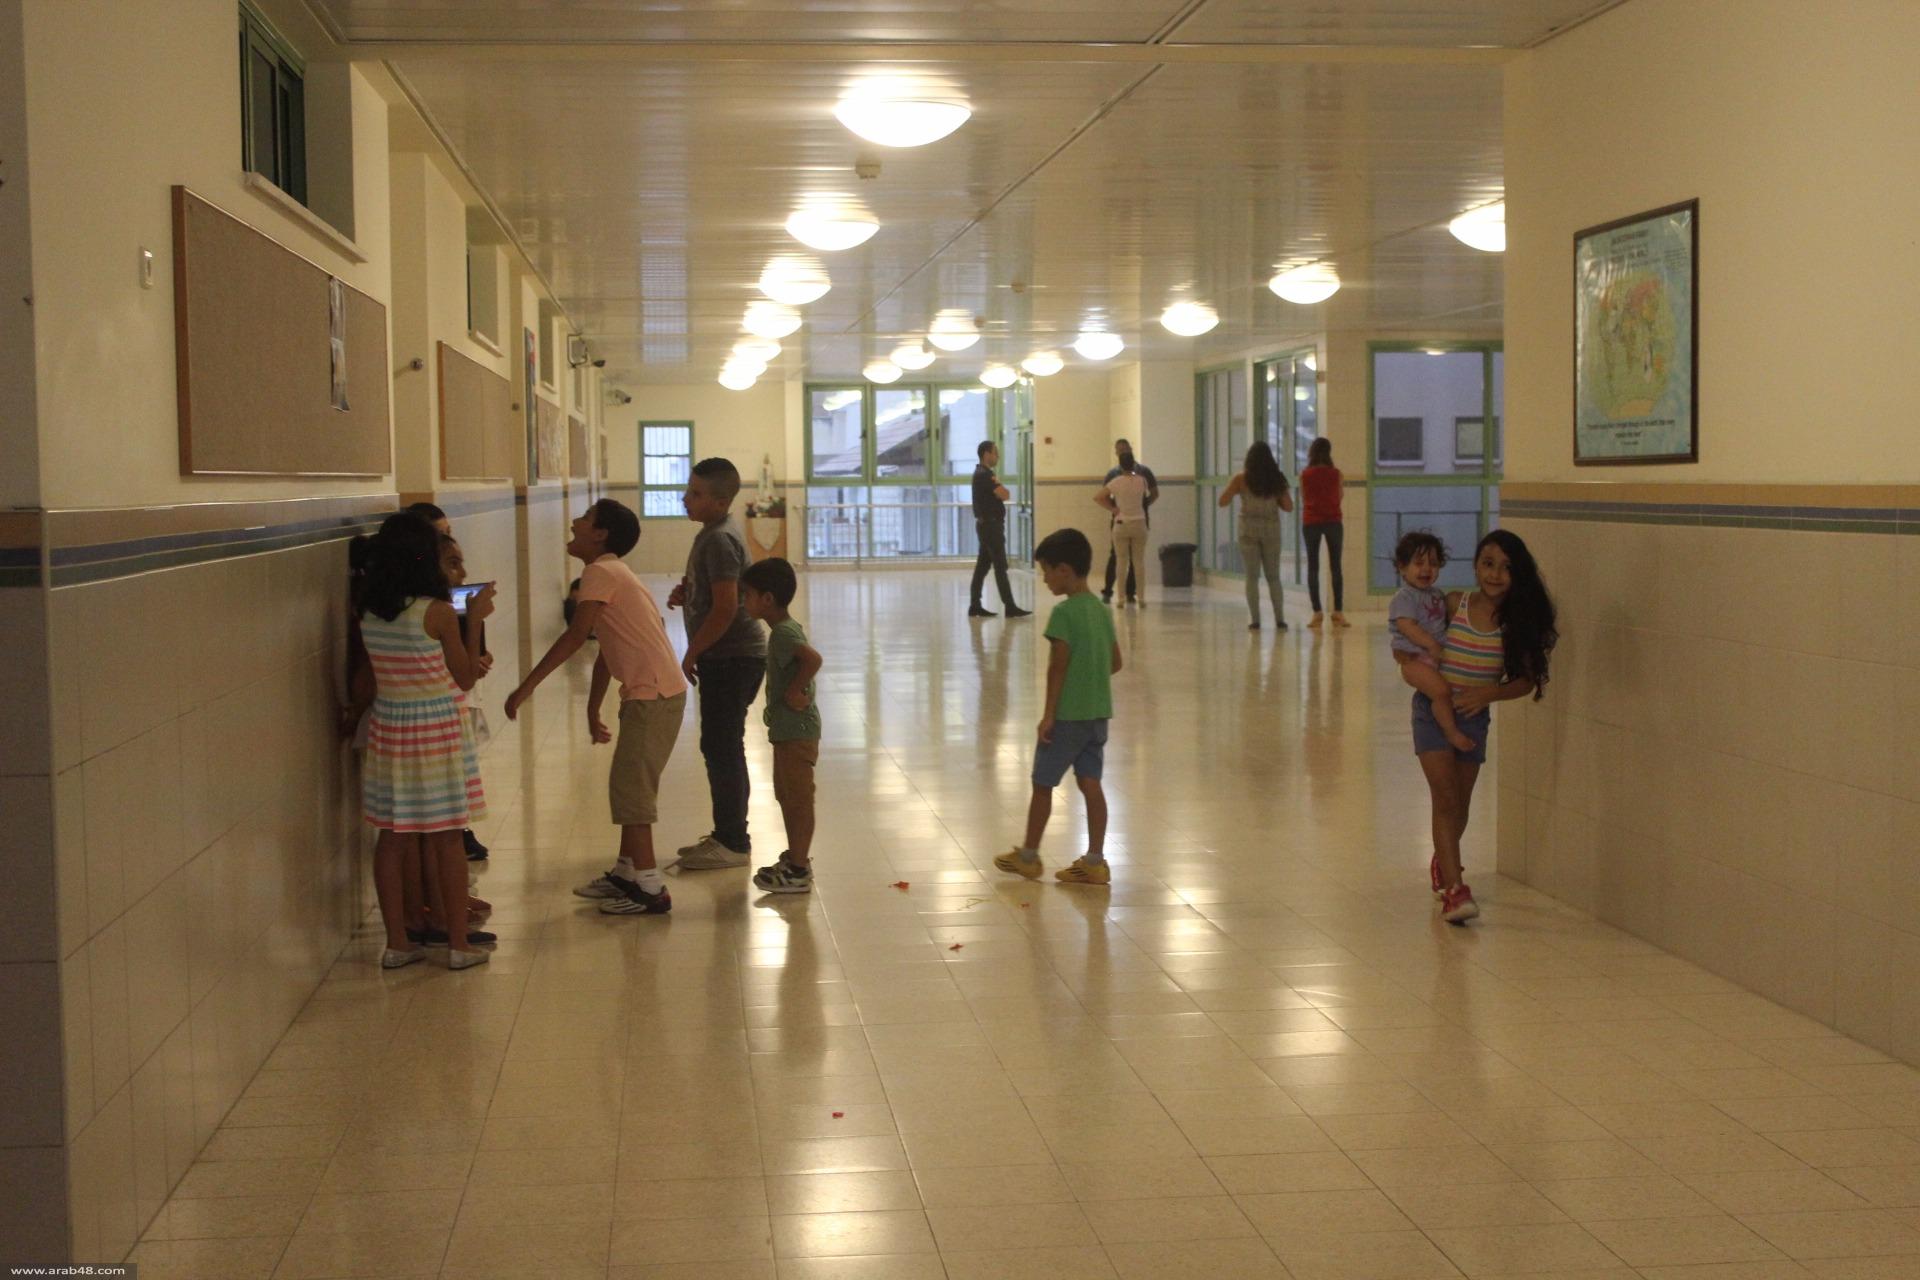 أين يقف أهالي النّاصرة من حلول أزمة المدارس الأهليّة؟